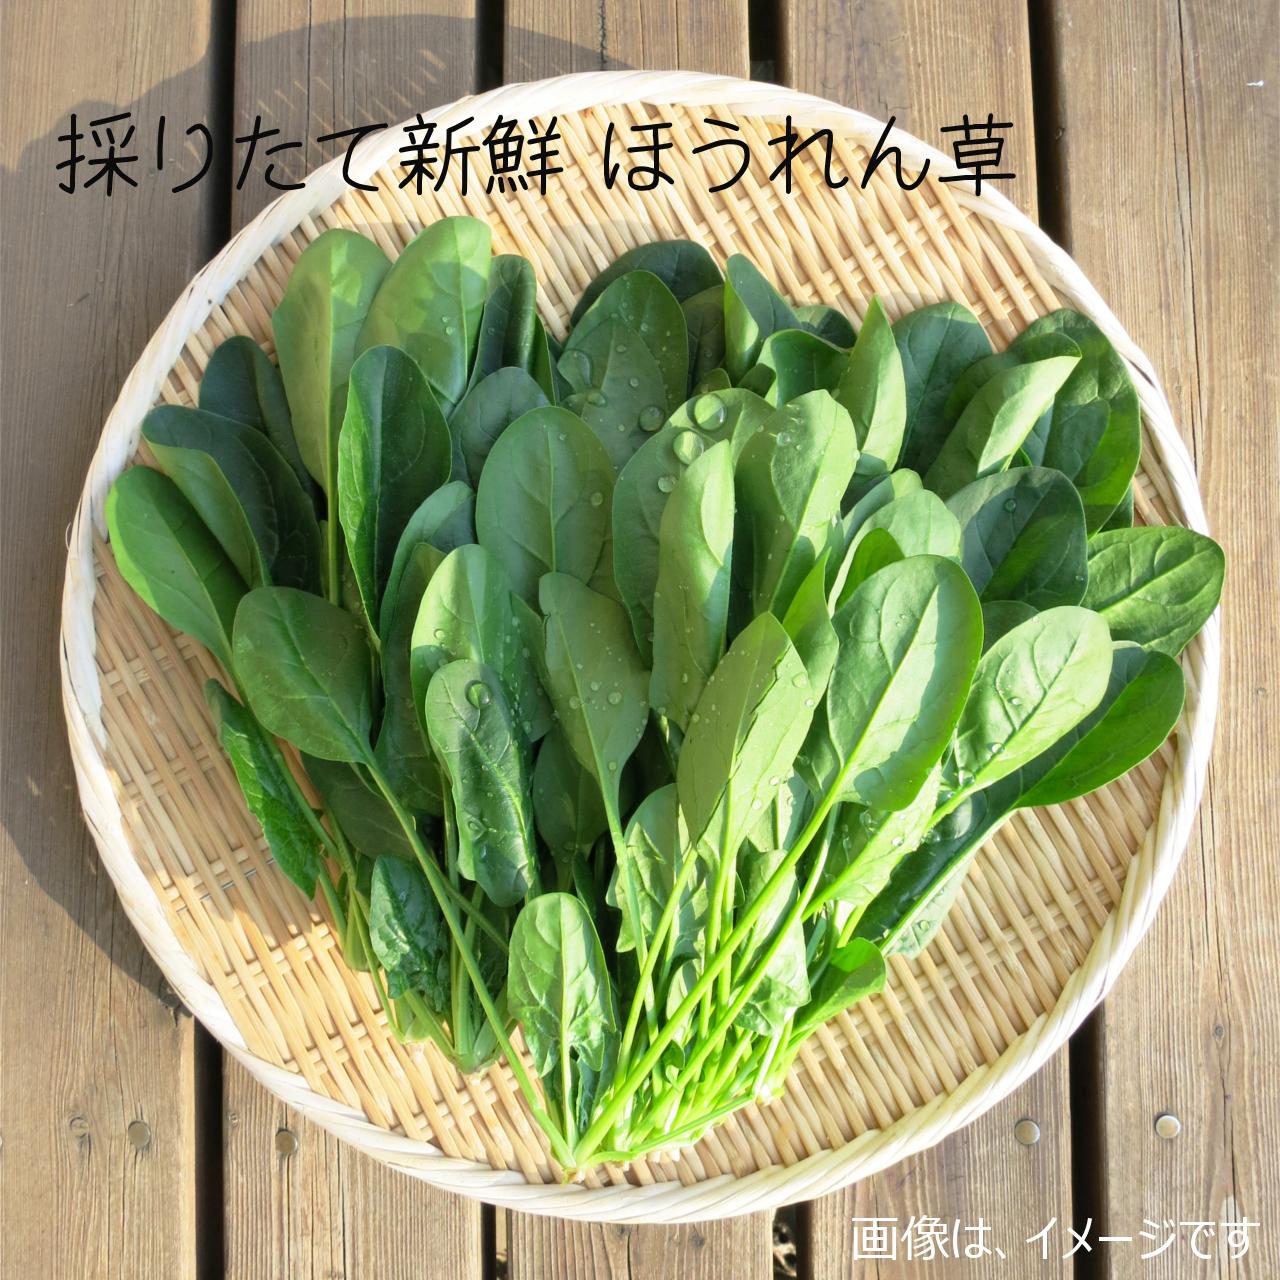 11月の朝採り直売野菜 : ホウレンソウ 約400g 新鮮な秋野菜 11月16日発送予定